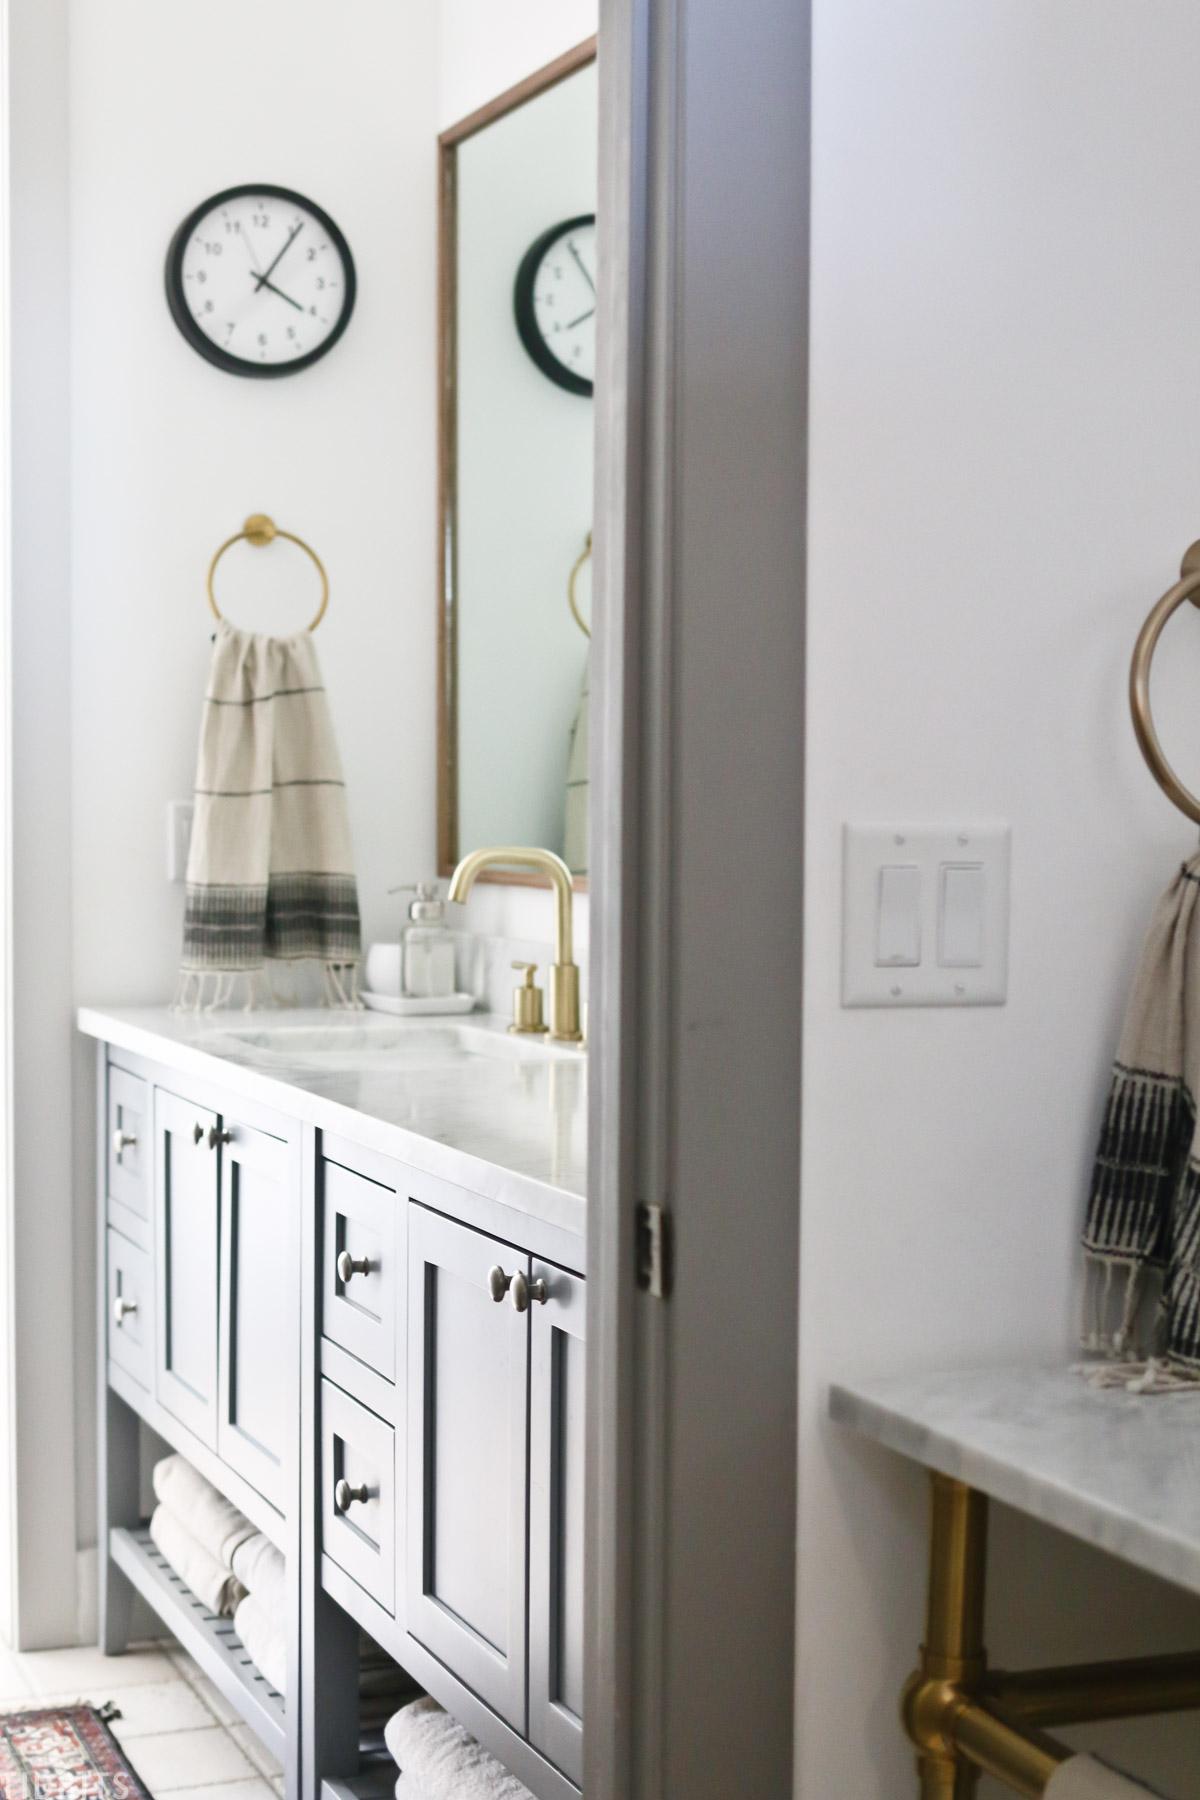 view of sink near toilet and bathroom vanity in split bathroom area